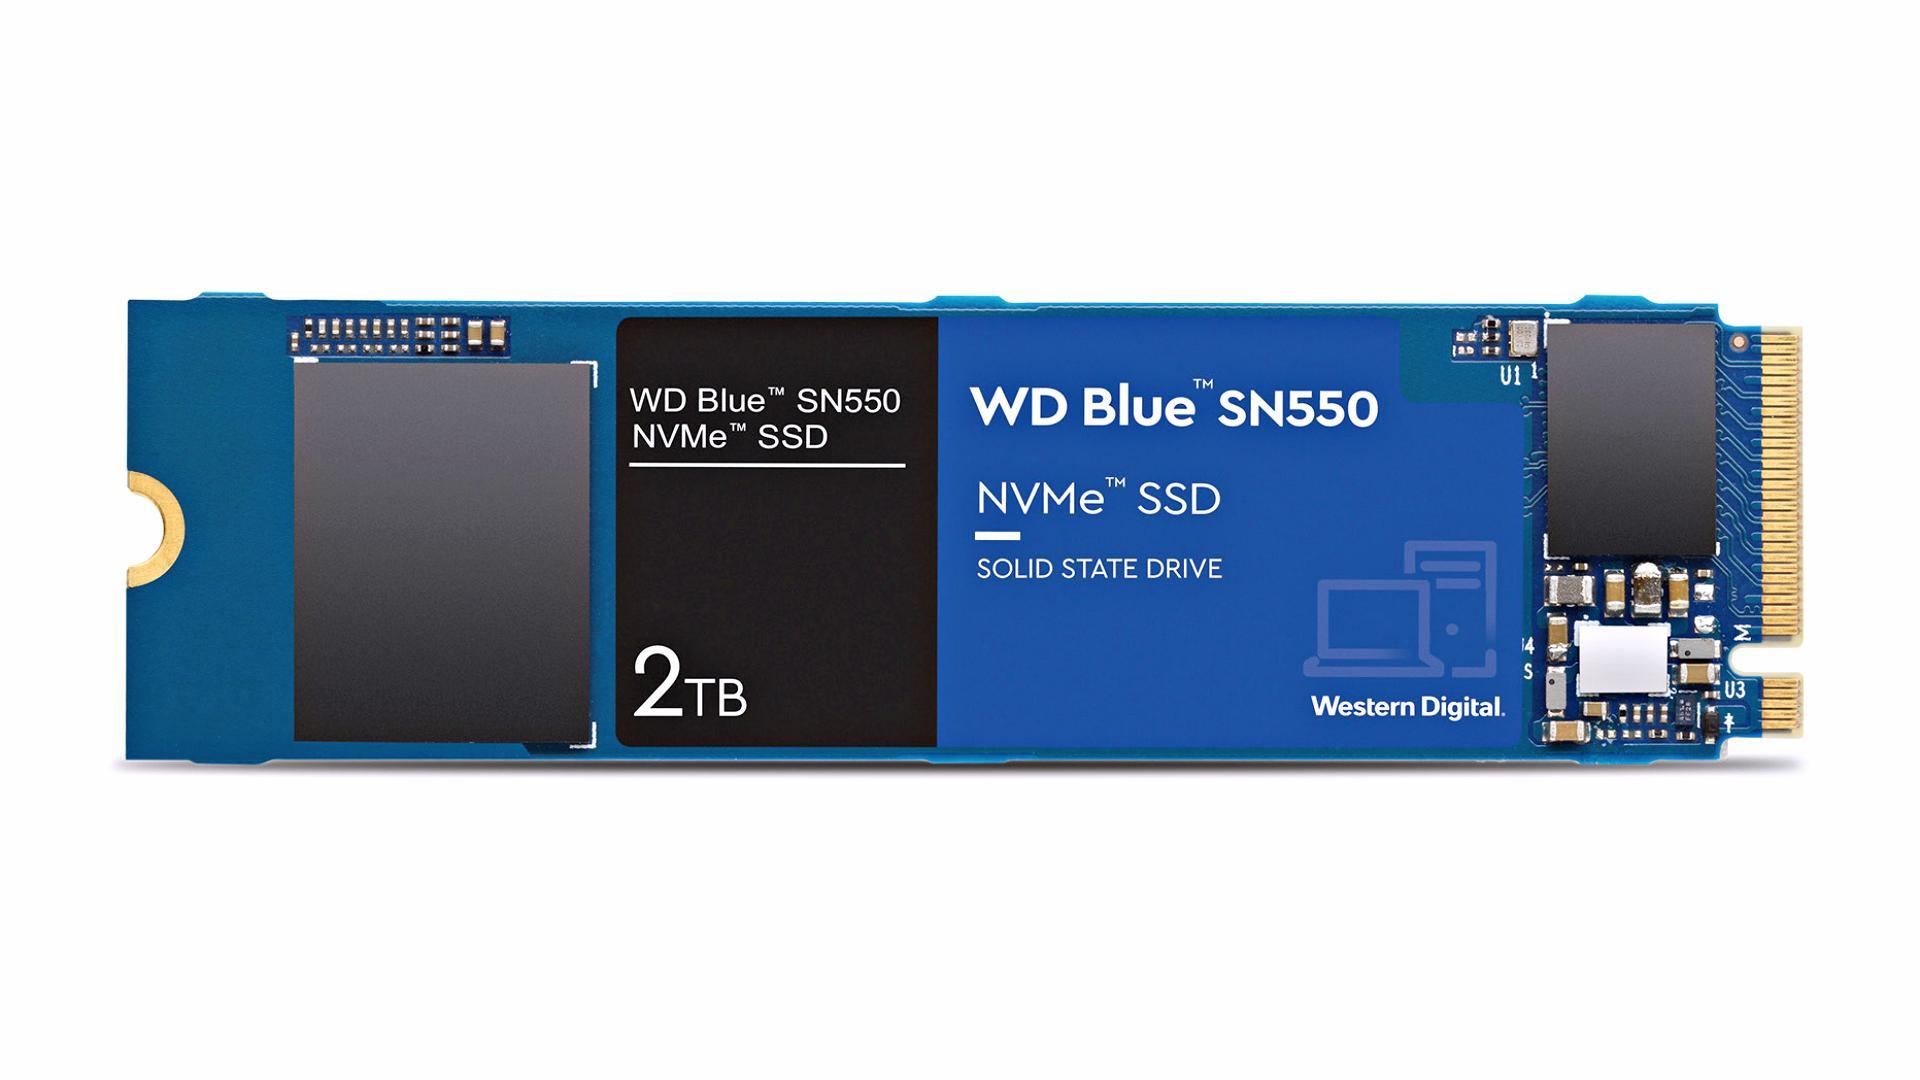 [웨스턴디지털_이미지] WD 블루 SN550 NVMe SSD 2TB-ico.jpg